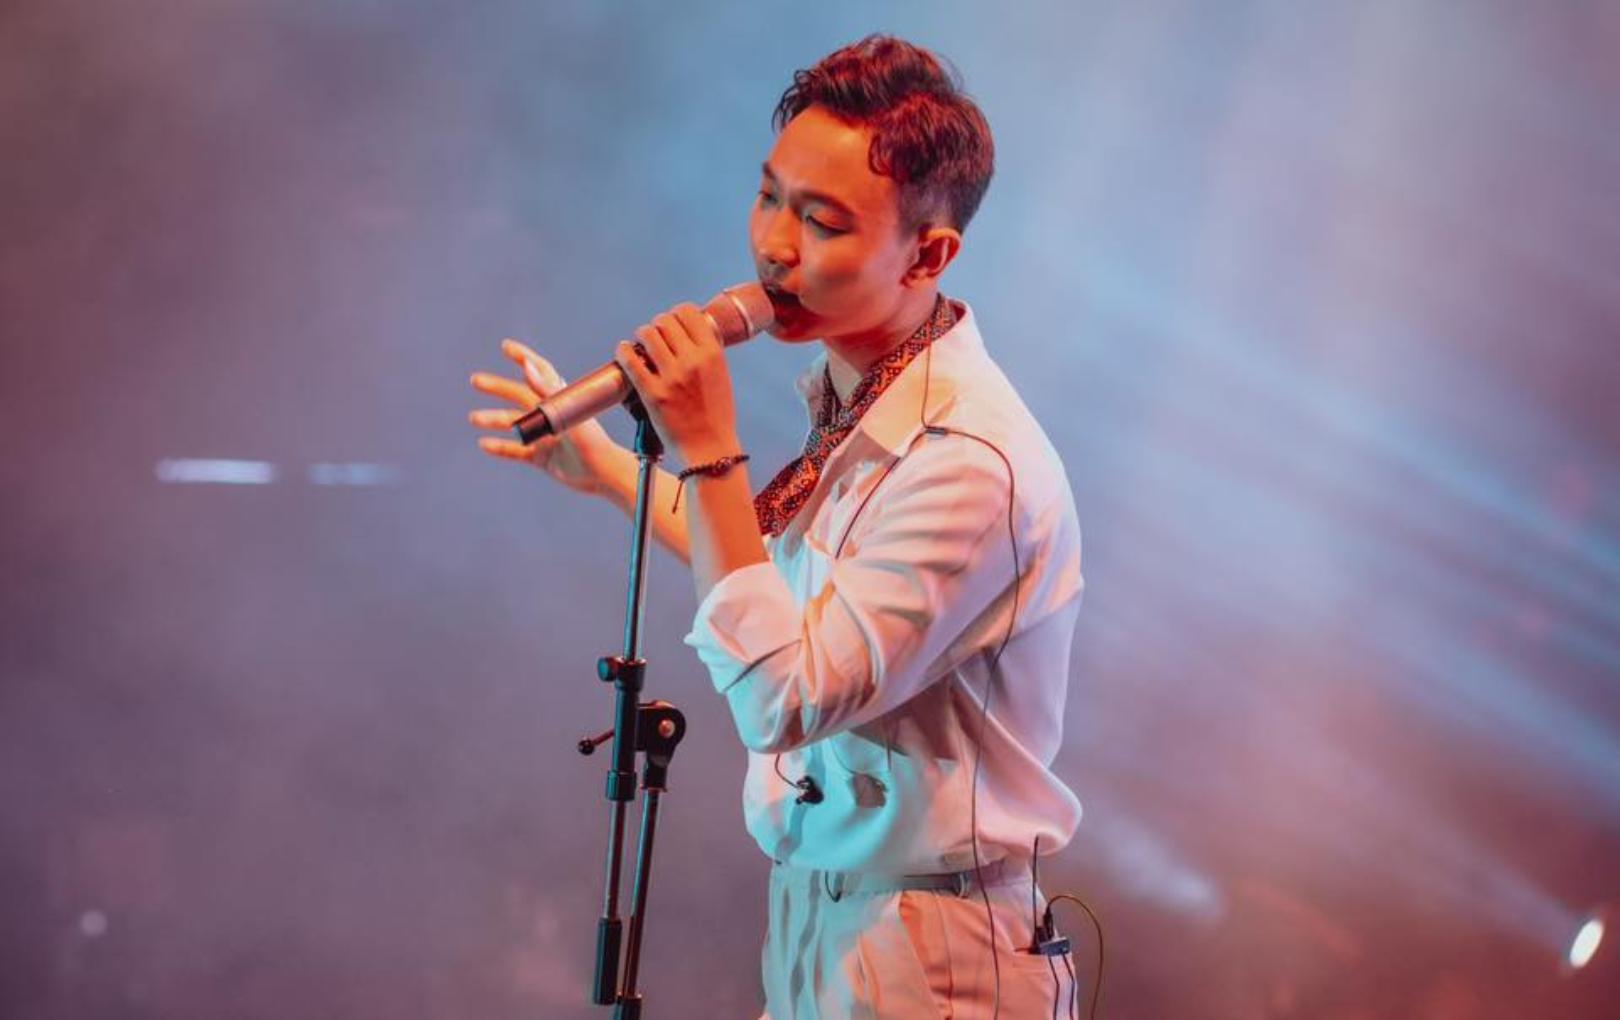 Hoàng Dũng thăng hoa cùng 3.000 bạn nhạc, song ca cực đỉnh cùng Bùi Anh Tuấn - Nguyên Hà trong concert đầu tay